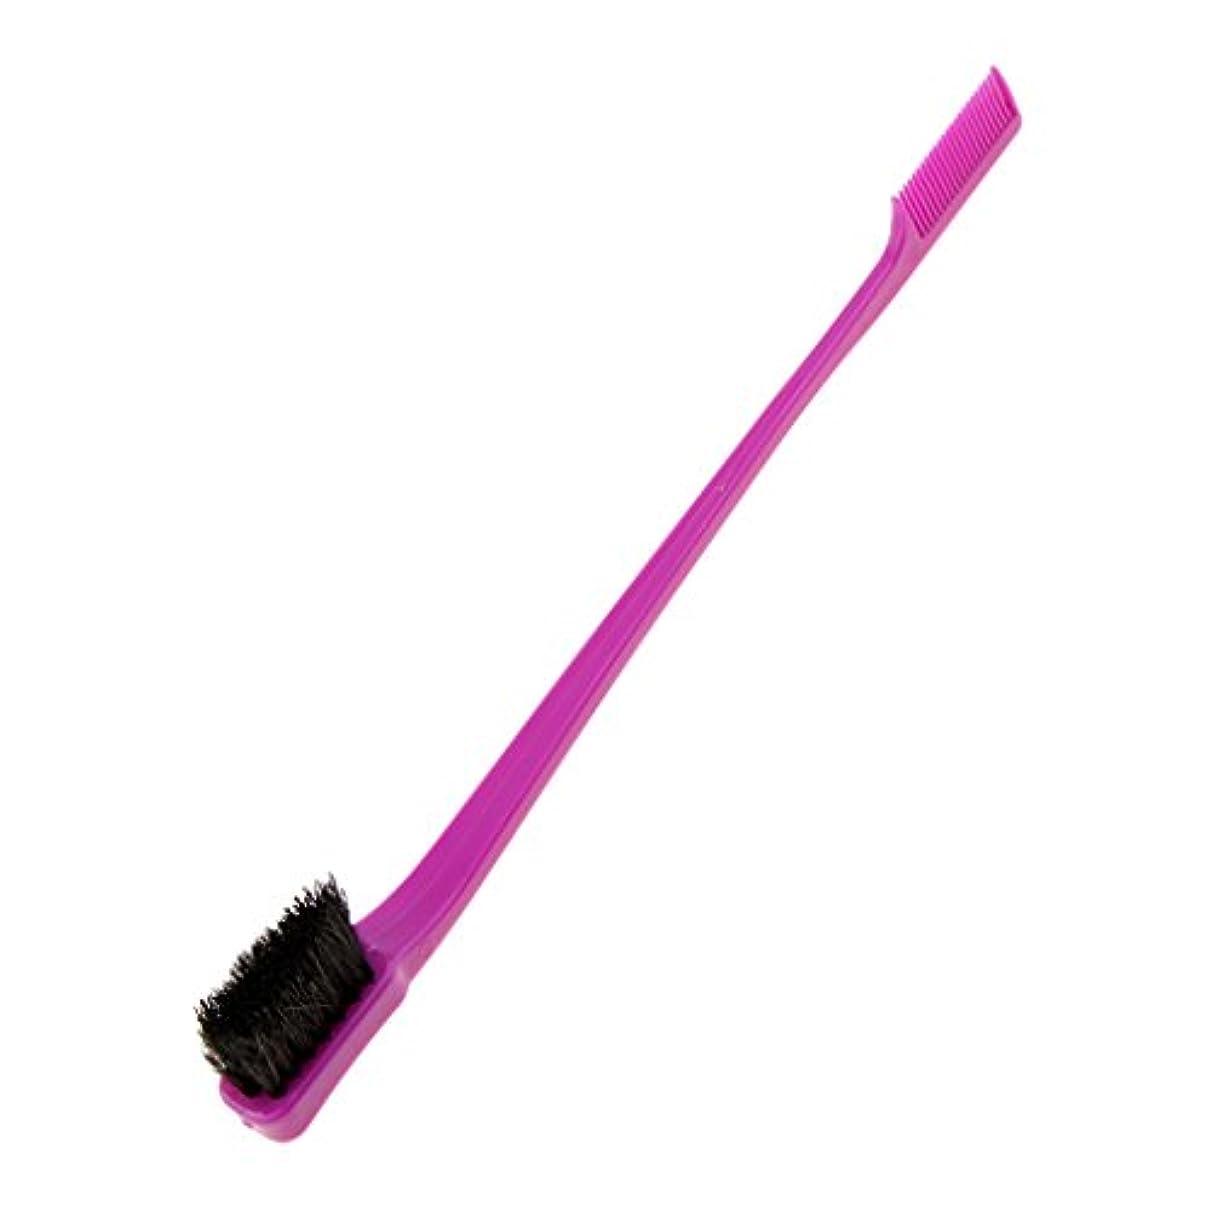 ブラケットバルセロナ空中Toygogo ヘアブラシ コーム シェービングブラシ ラインひげ整え エッジ削り 髪型 4色選べる - 紫